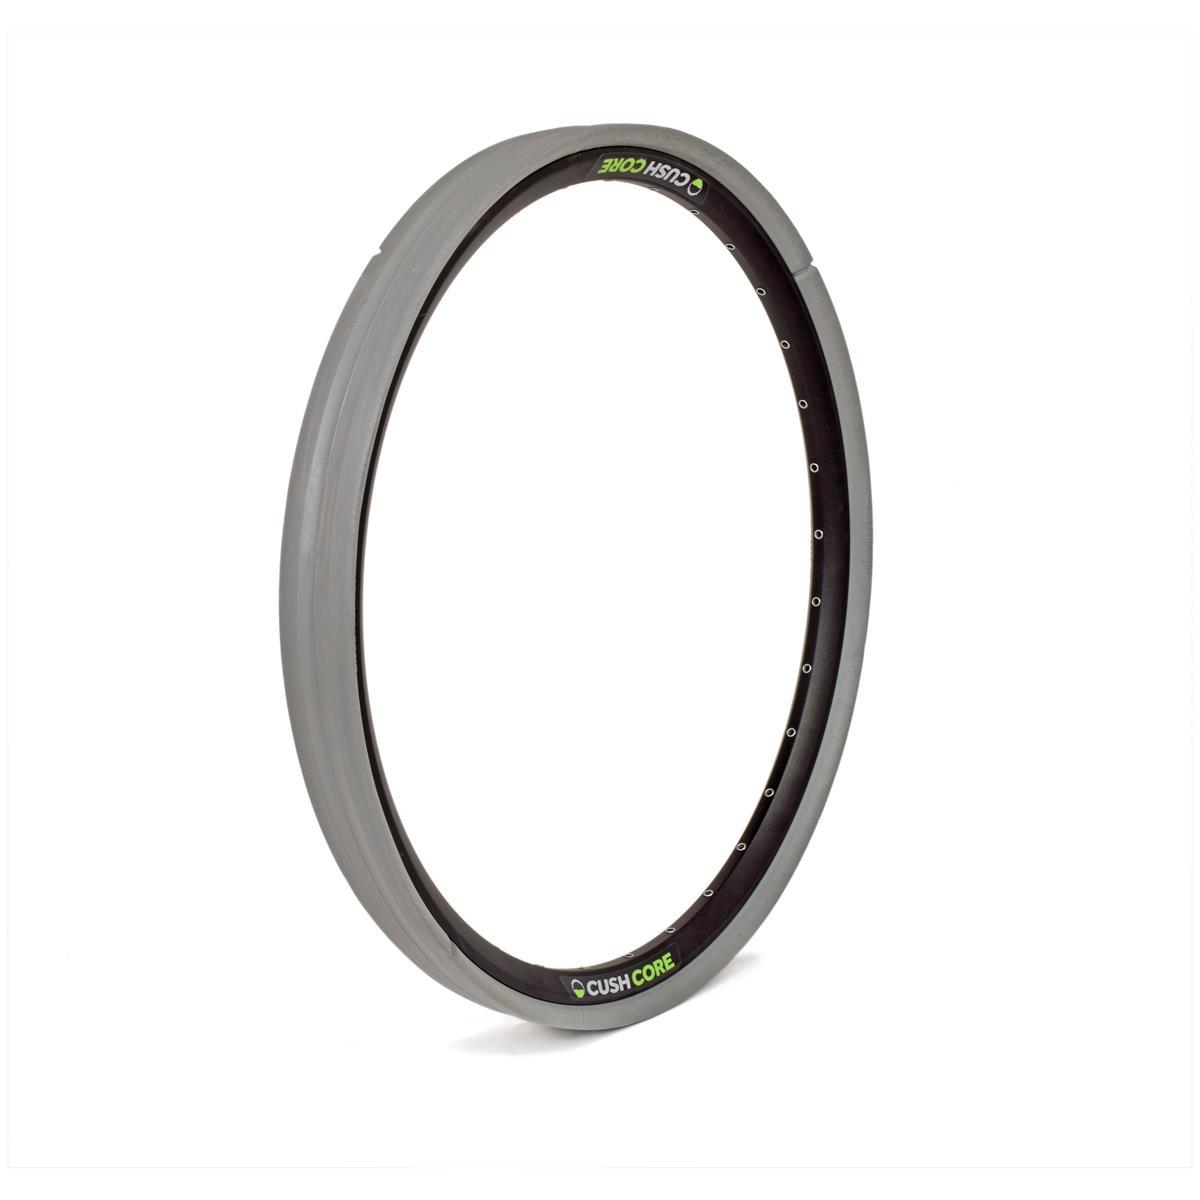 CushCore Reifen Durchschlagschutz  27,5+ Zoll Set